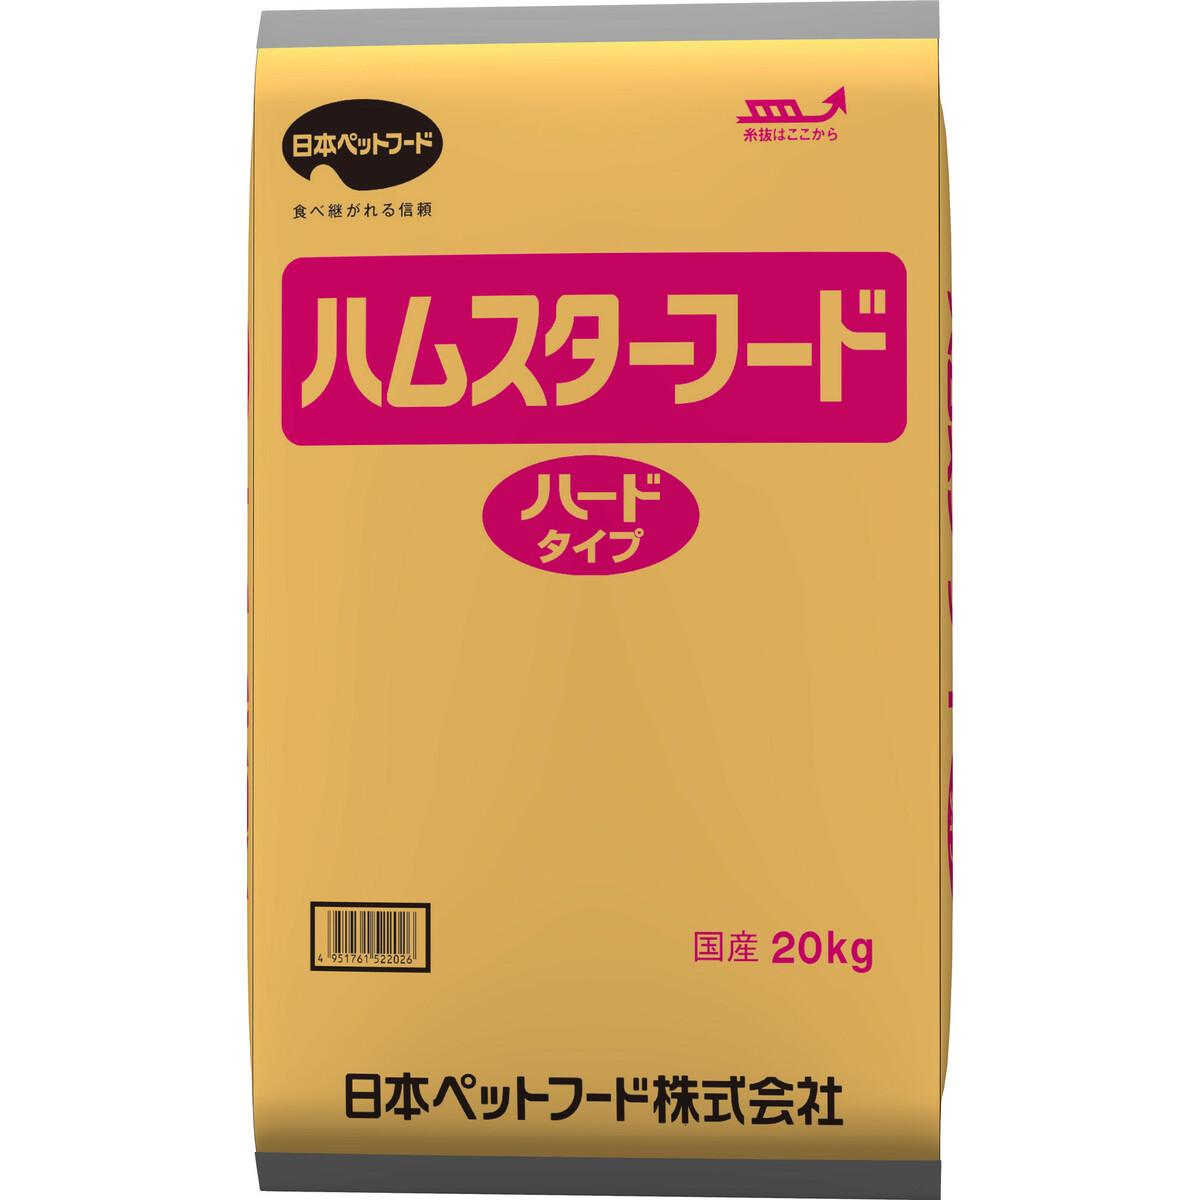 店内全品送料無料 日本ペットフード ハムスターフード ハード 高級な タイプ 商い 小動物用 20kg